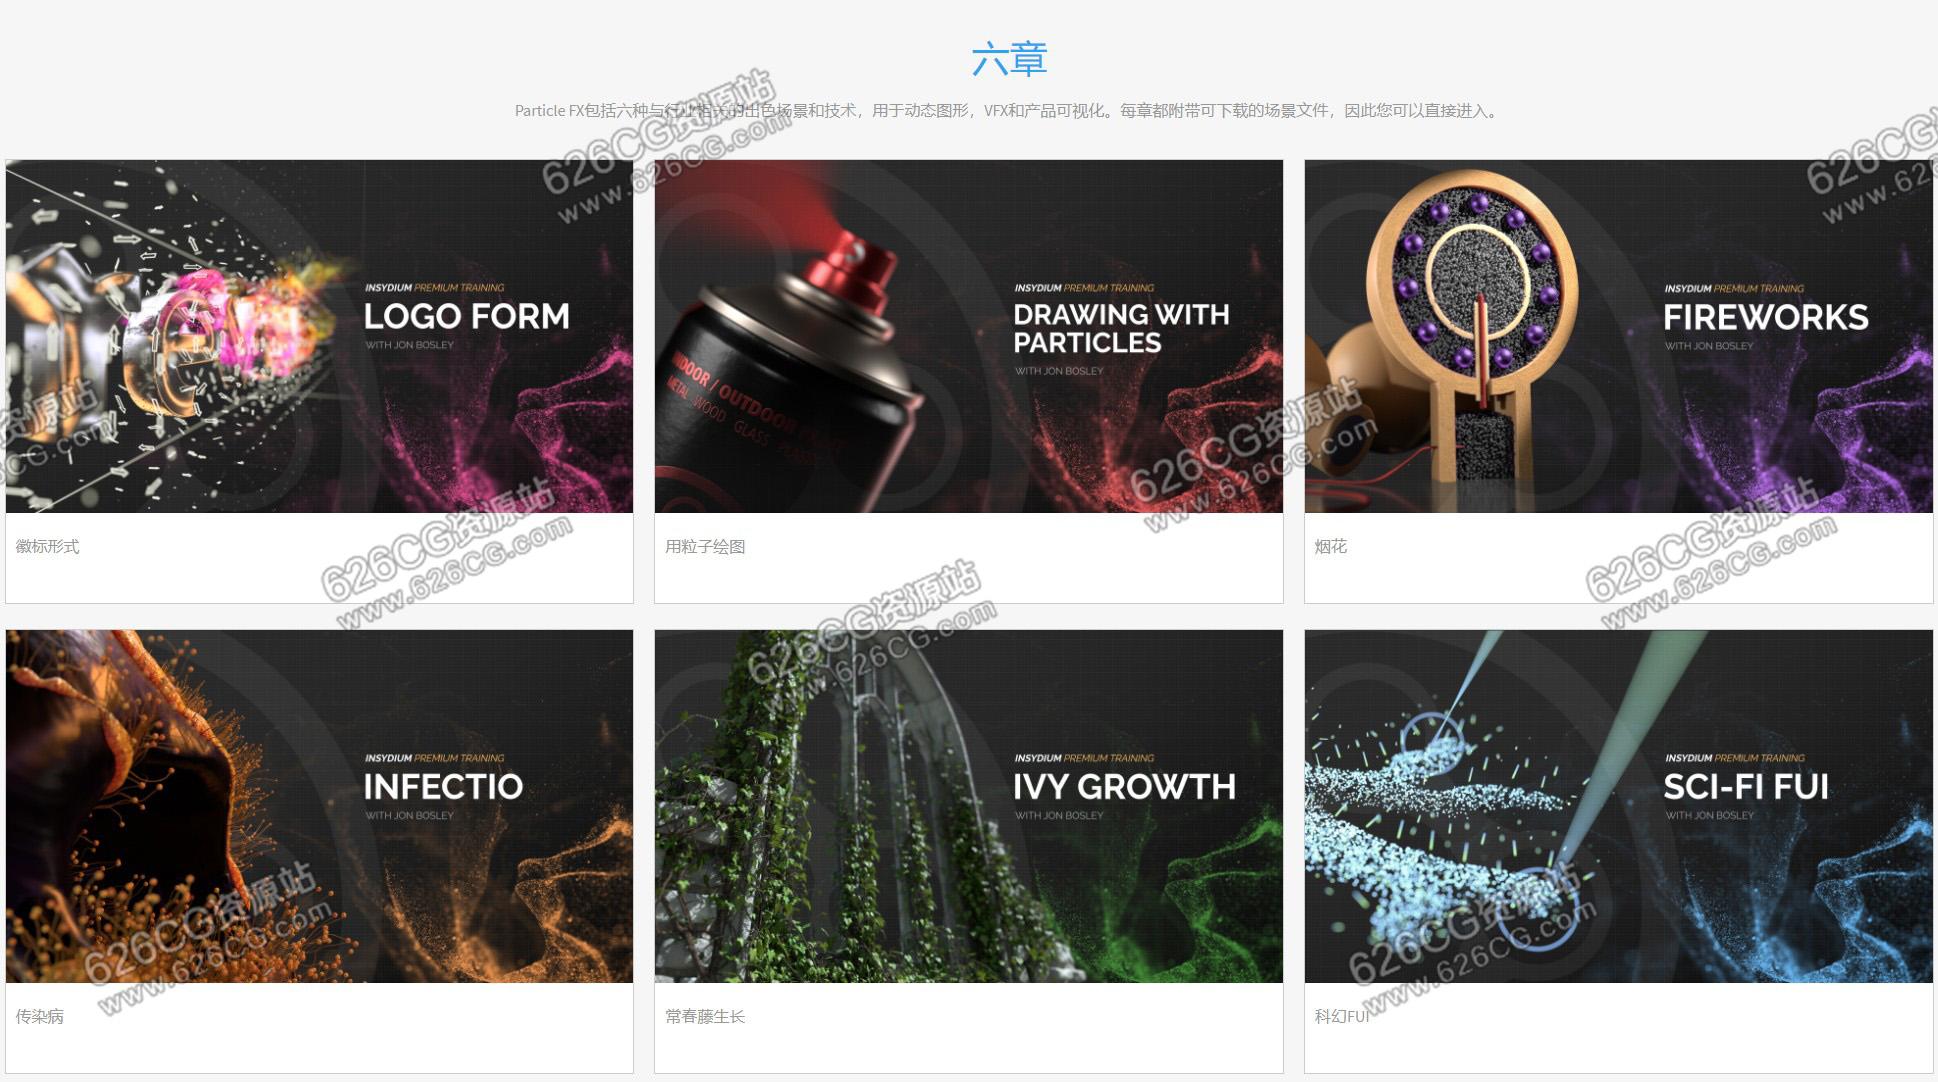 C4D X-Particules粒子官方教程 Insydium.ltd XParticle Premium Training 官方高级进阶培训教程 中文字幕 626CG资源站